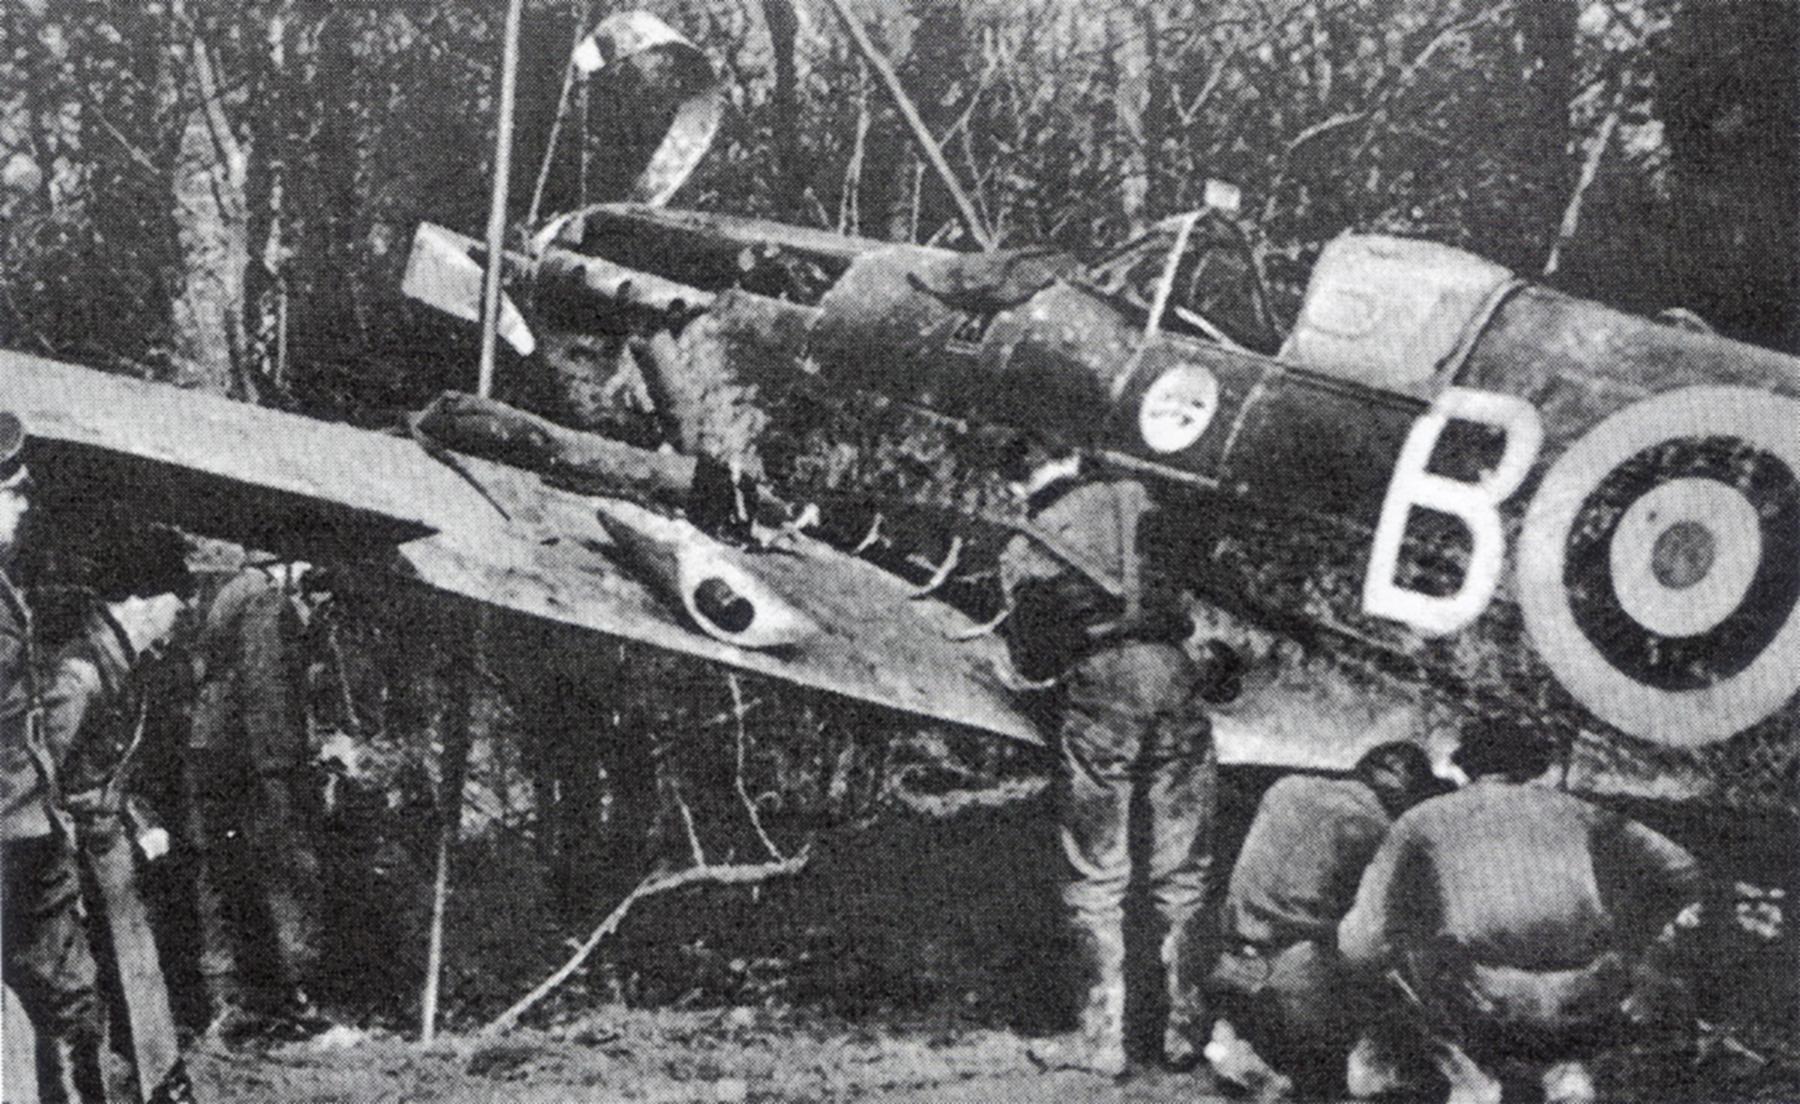 Spitfire MkIa RAF 234Sqn AZB forced landed Cherbourg France Aug 15 1940 01